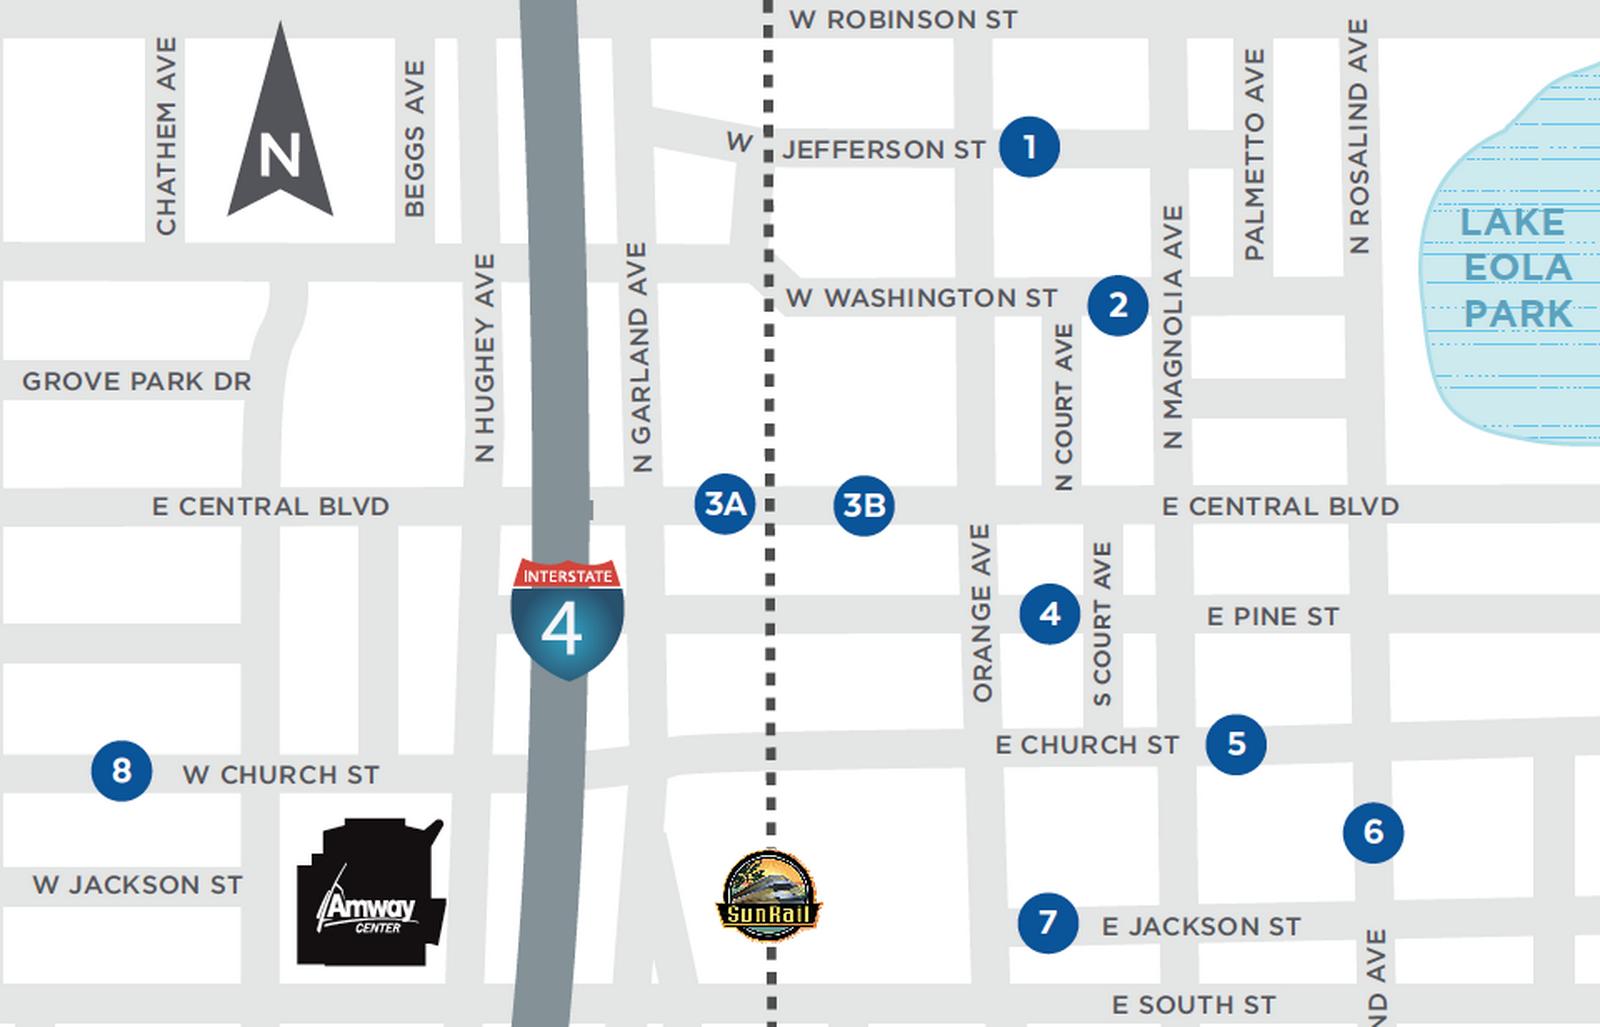 奧蘭多市府畫定的八個乘載區圖示。(奧蘭多市府提供)